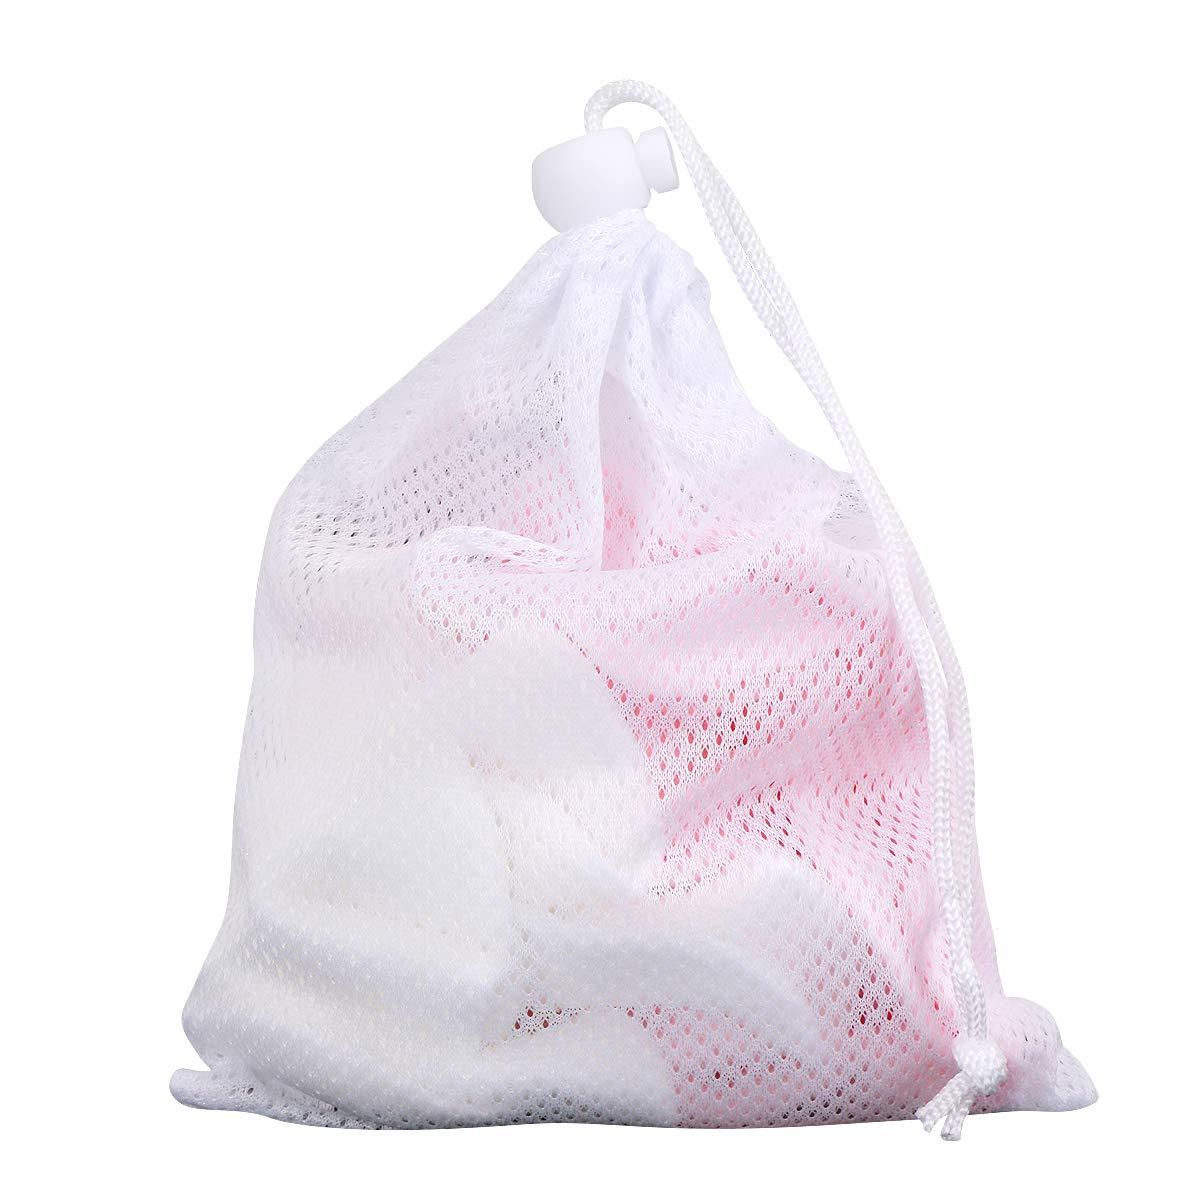 Waschbare Bambus Make-up Entferner Pads 16 Packungen, Reuseble Wattepad, weiche Reinigungstücher mit Wäschesack (pink und weiß)